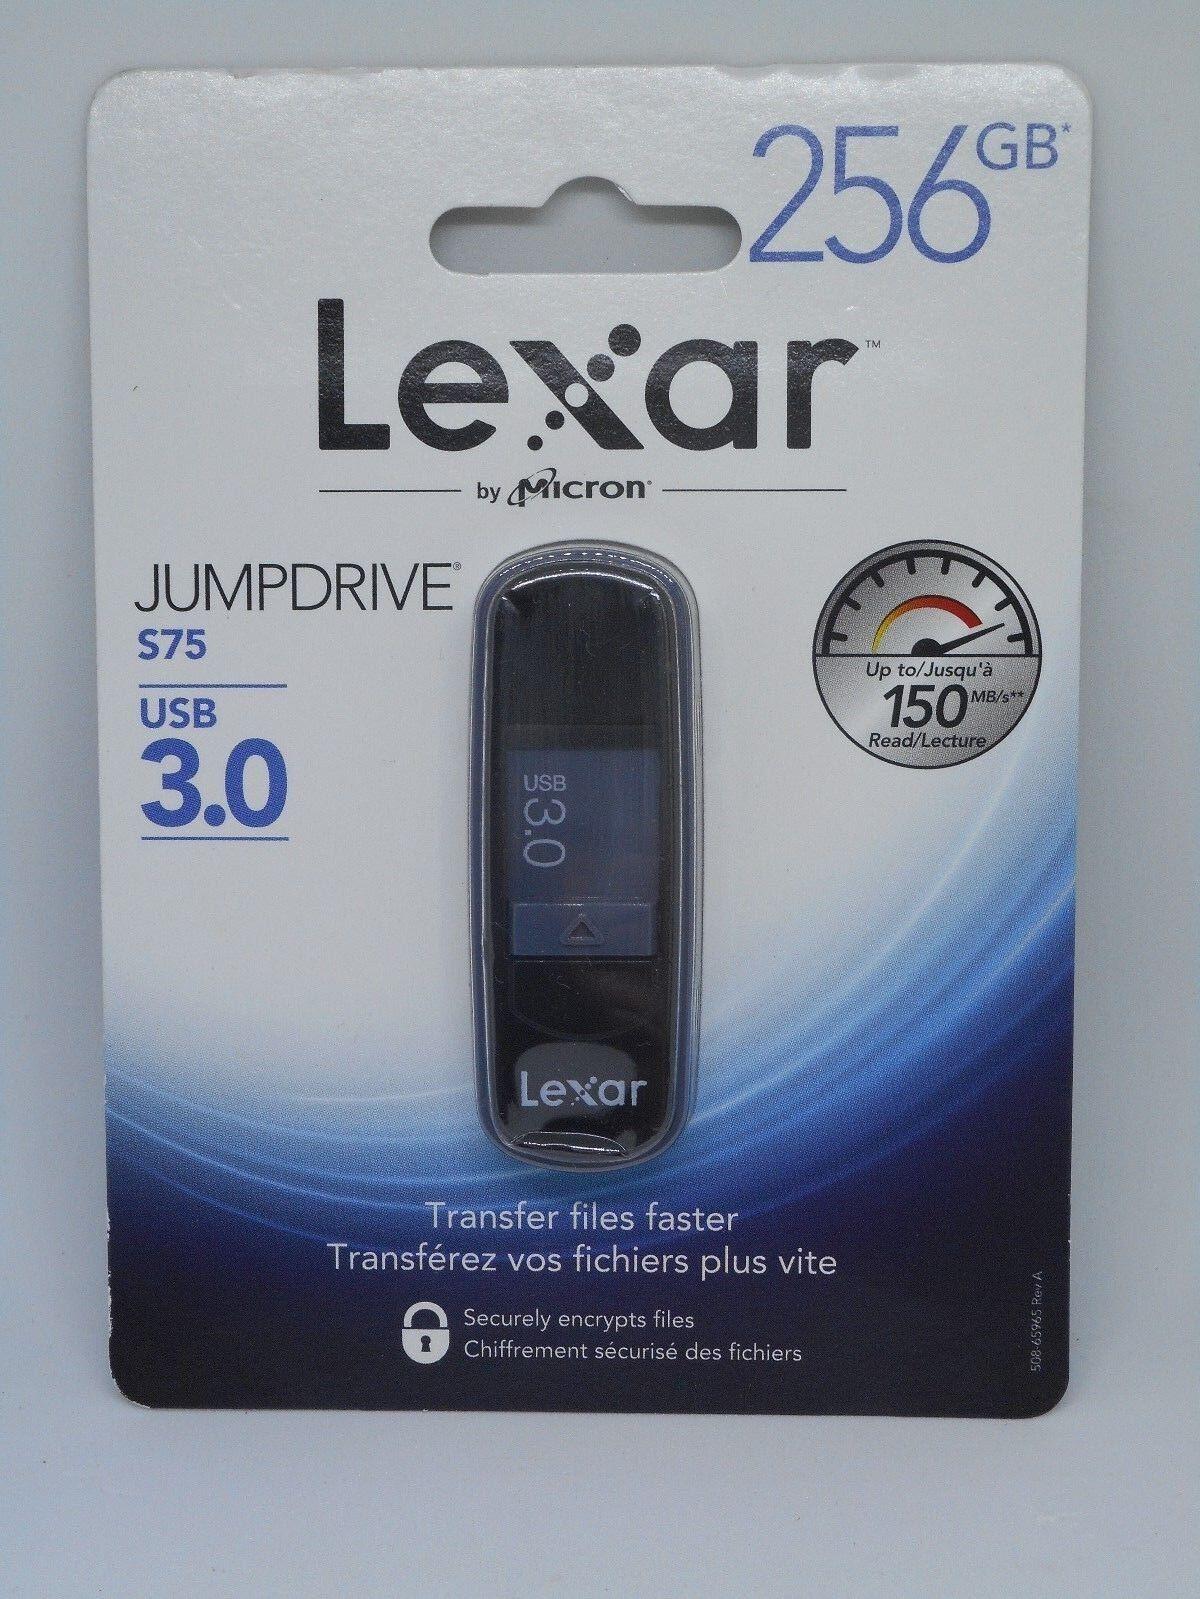 Lexar JumpDrive S75 USB 3.0 Flash Drive, 256GB with Data Enc